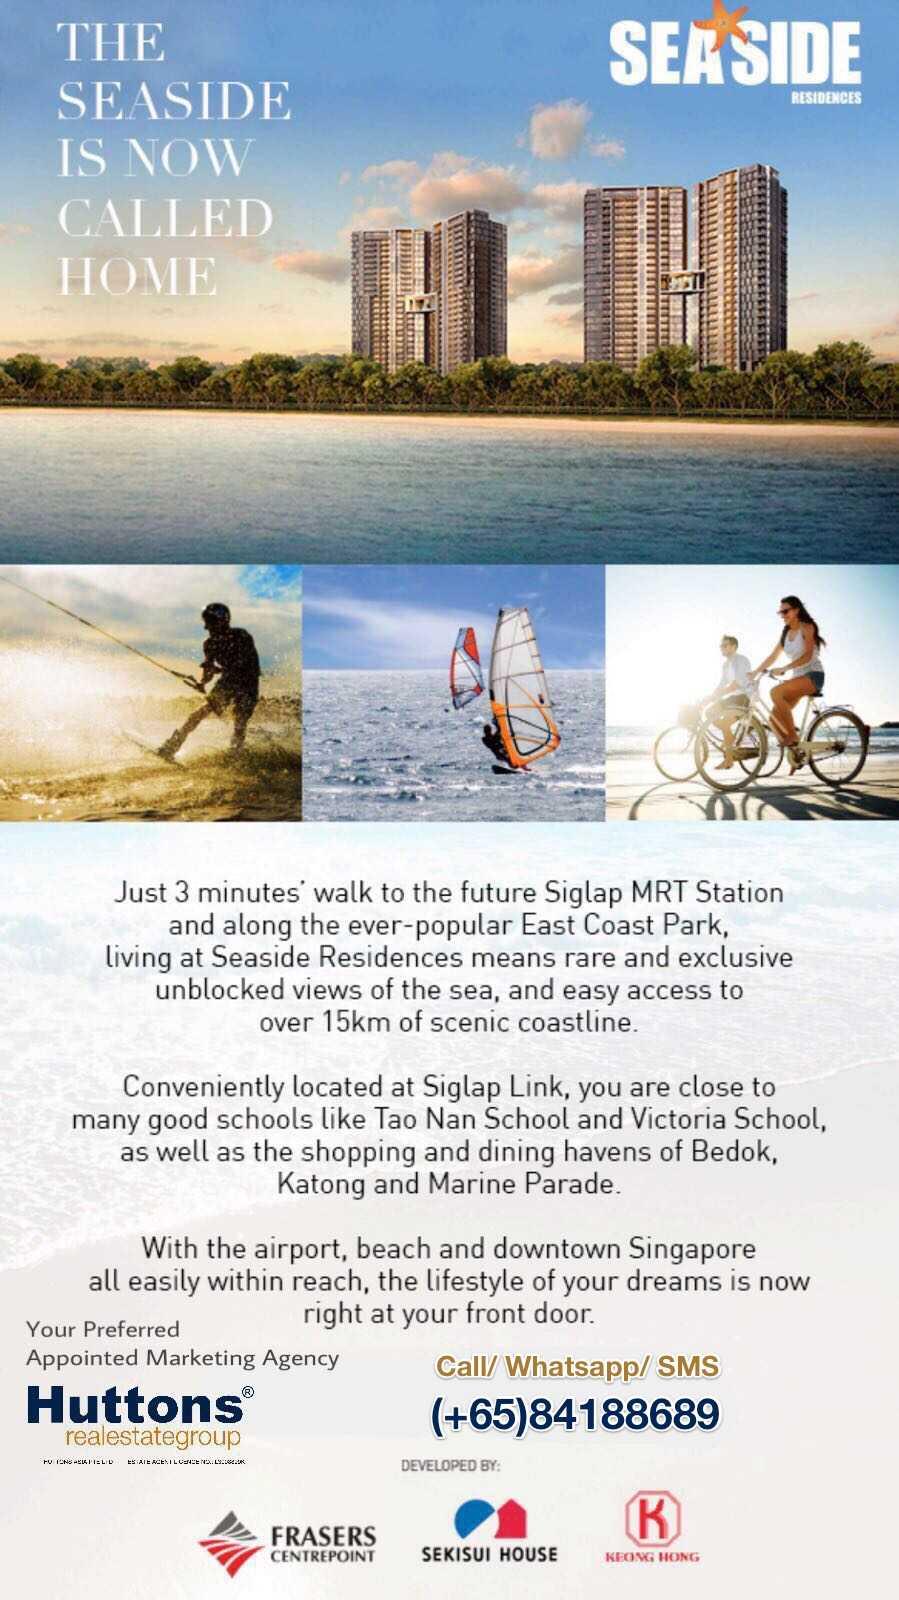 Seaside-Residences-launch-factsheet